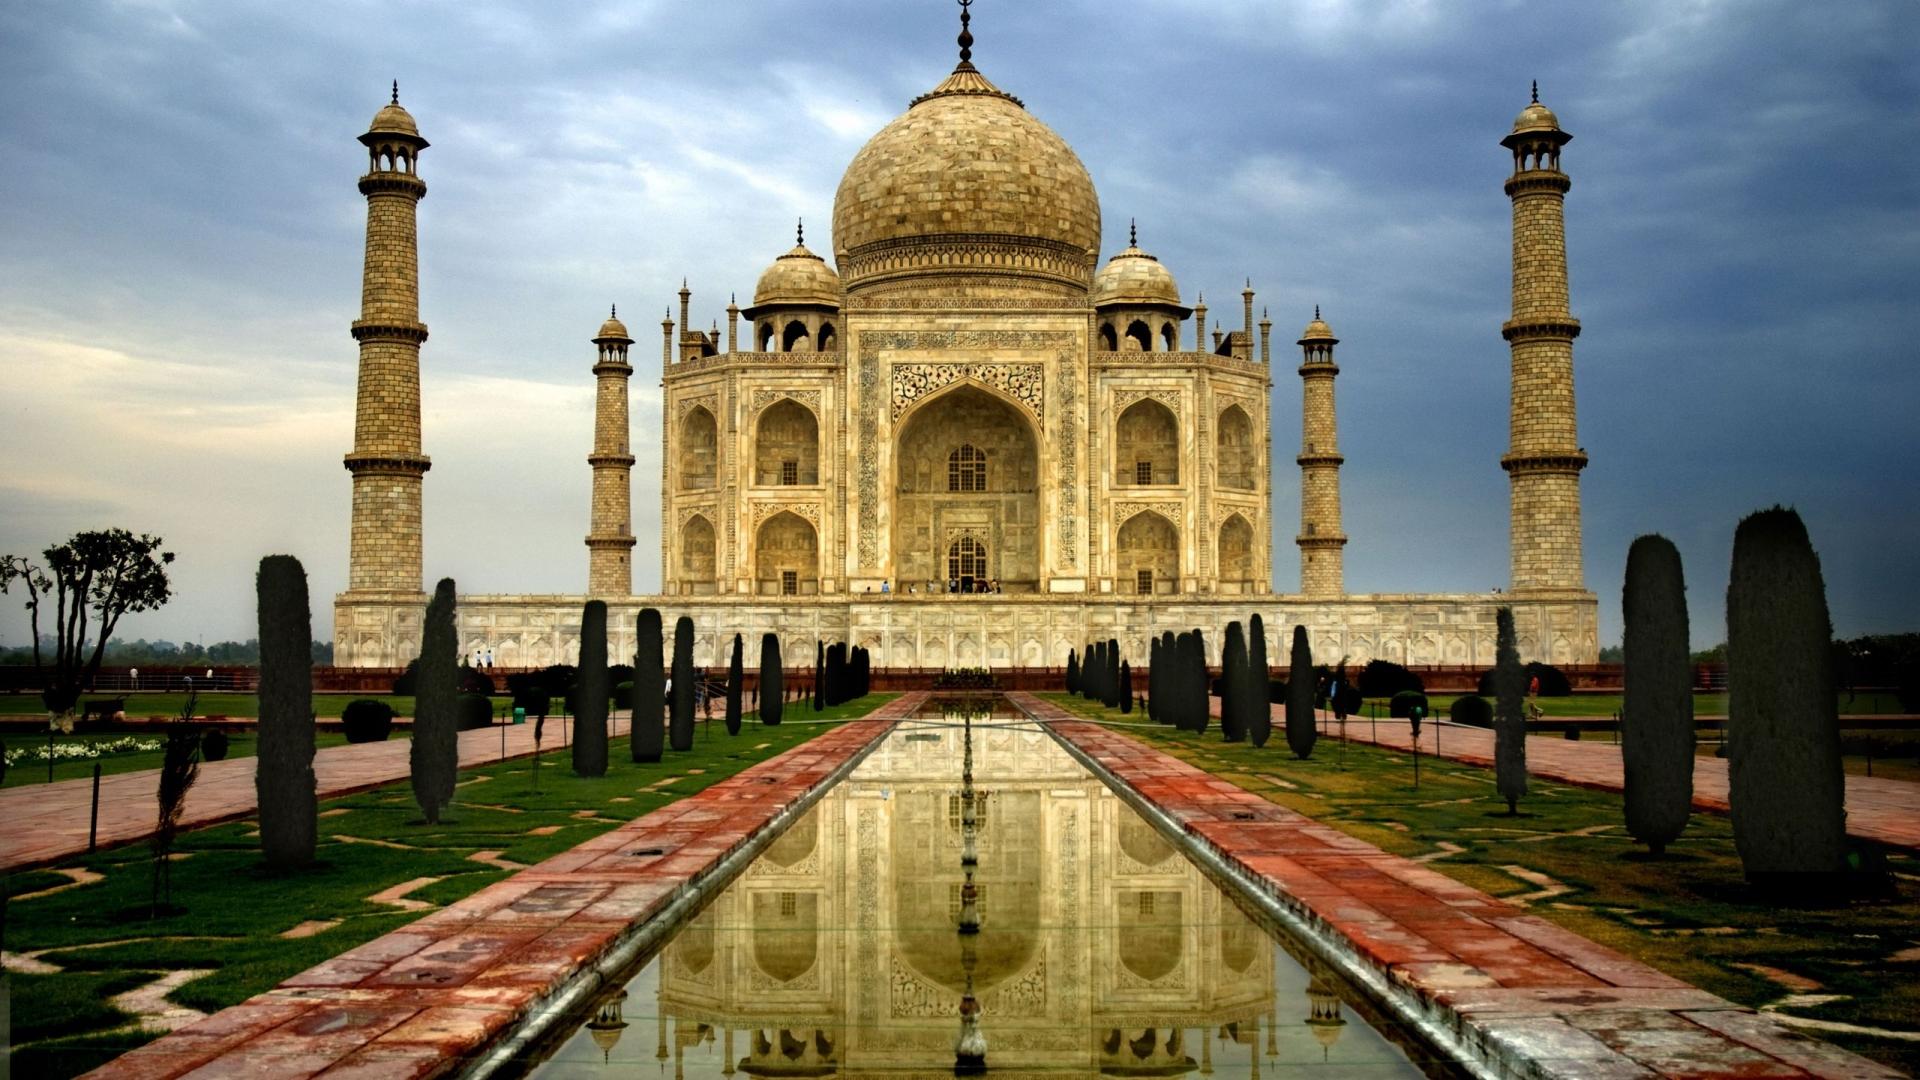 Taj Mahal India Wallpapers   HD Wallpapers